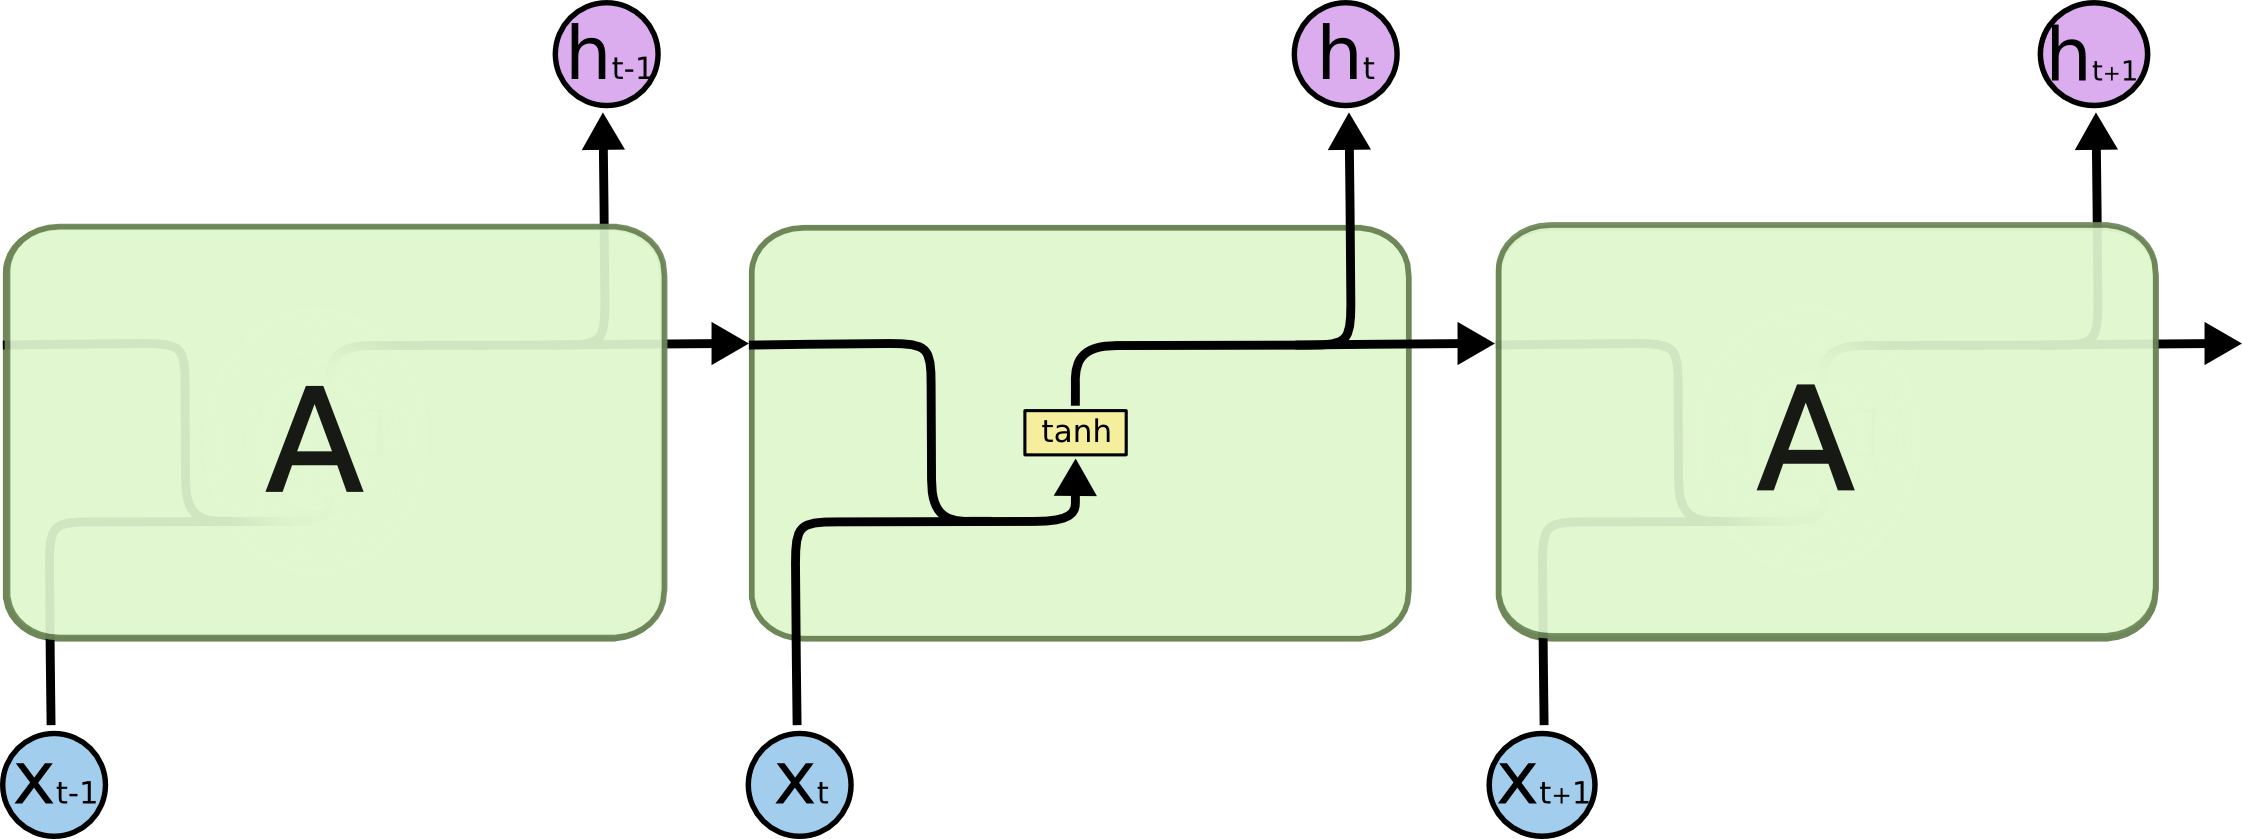 Простейшая рекурентная нейронная сеть